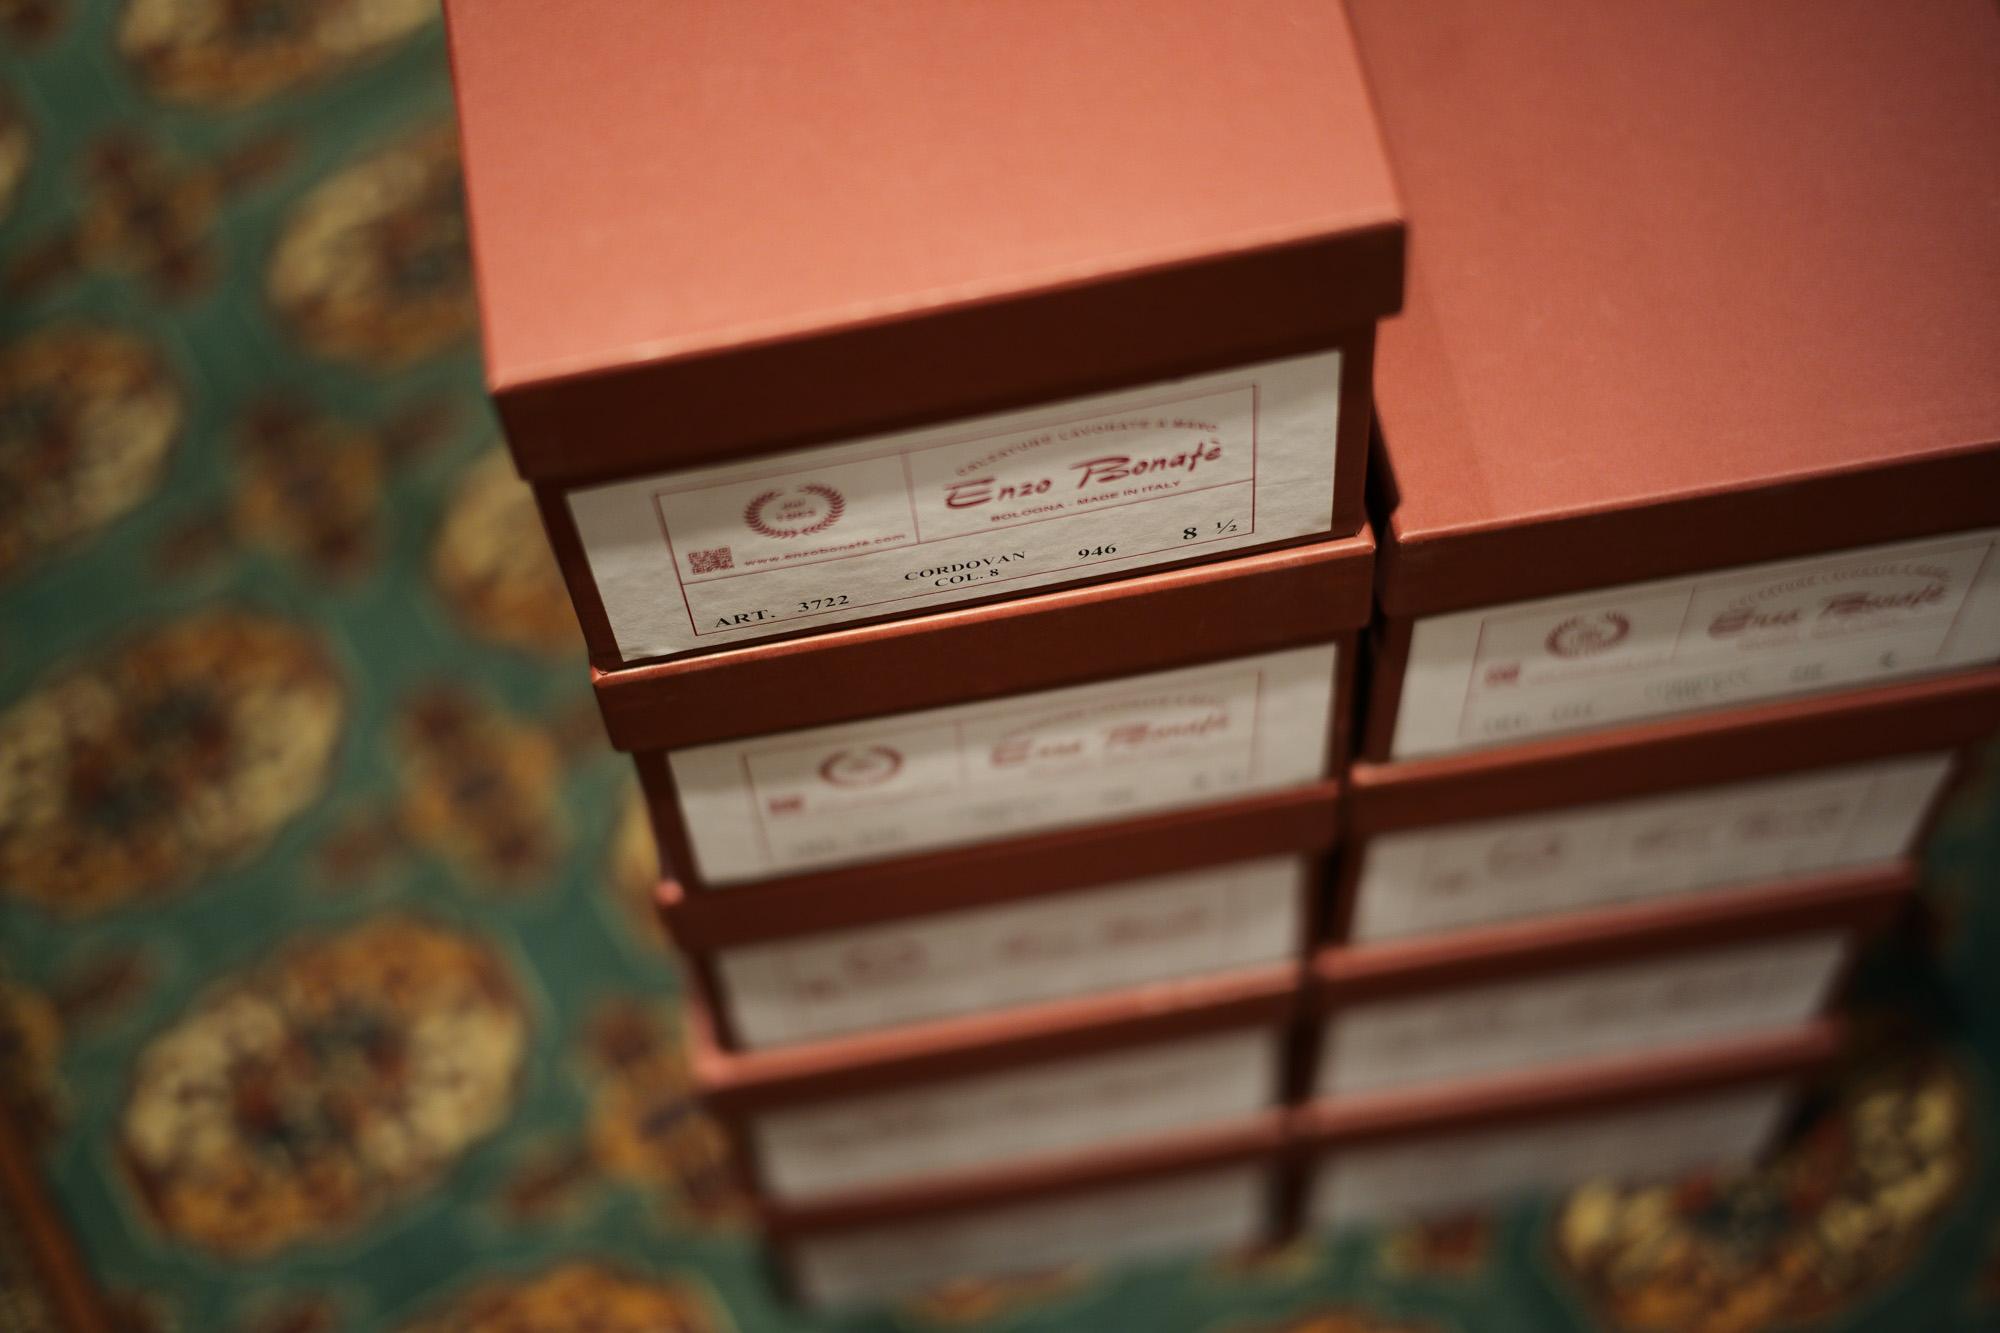 ENZO BONAFE (エンツォボナフェ) ART.3722 Chukka boots チャッカブーツ Horween Shell Cordovan Leather ホーウィン社 シェルコードバンレザー ノルベジェーゼ製法 チャッカブーツ コードバンブーツ No.8(バーガンディー)  made in italy (イタリア製) 2017 秋冬新作 愛知 名古屋 Alto e Diritto アルト エ デリット エンツォボナフェ コードバン チャッカ